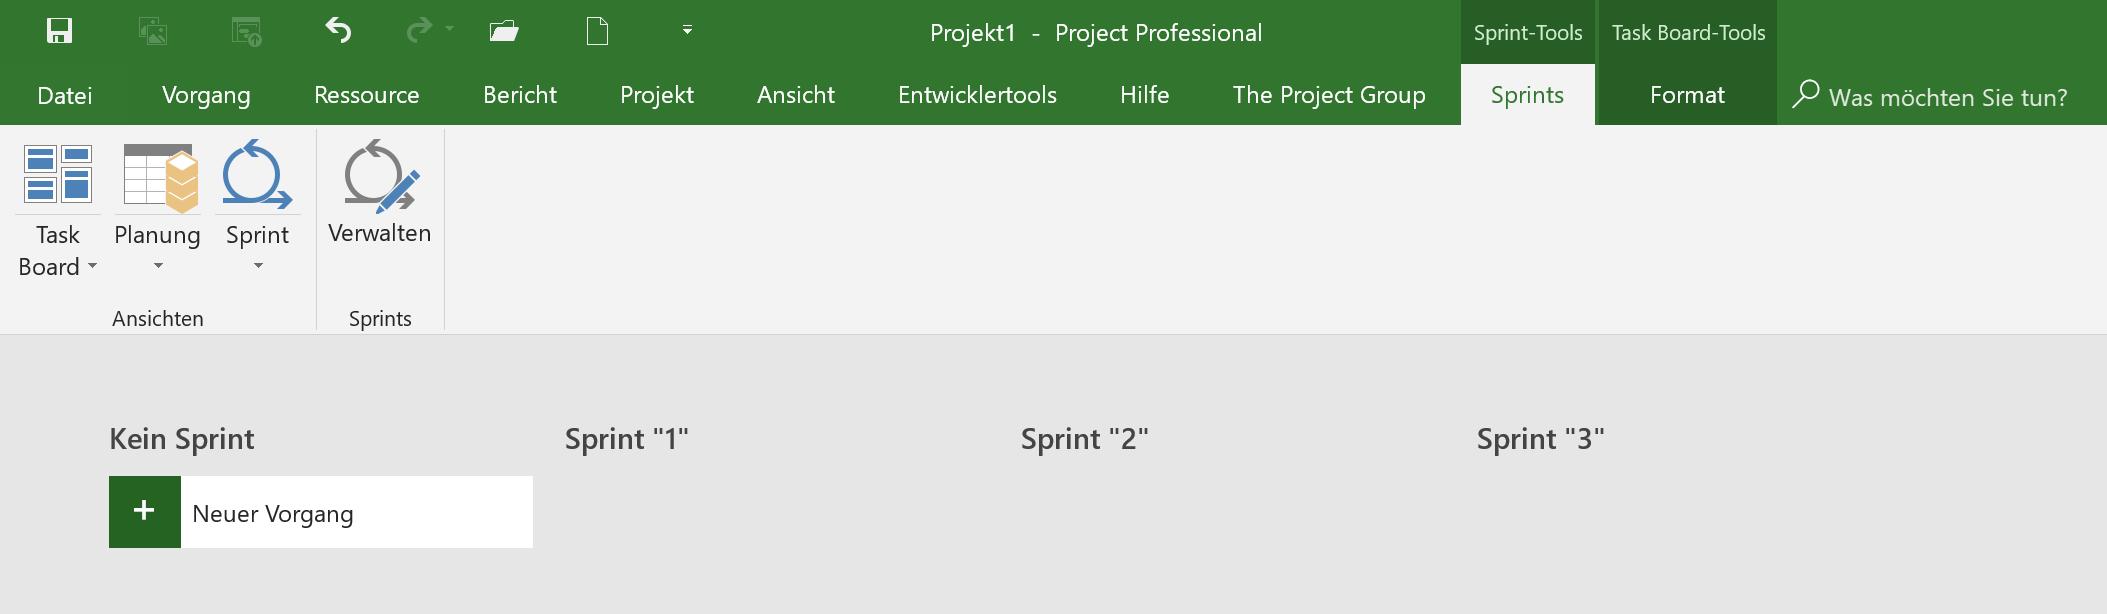 Project Online Neuerungen 2